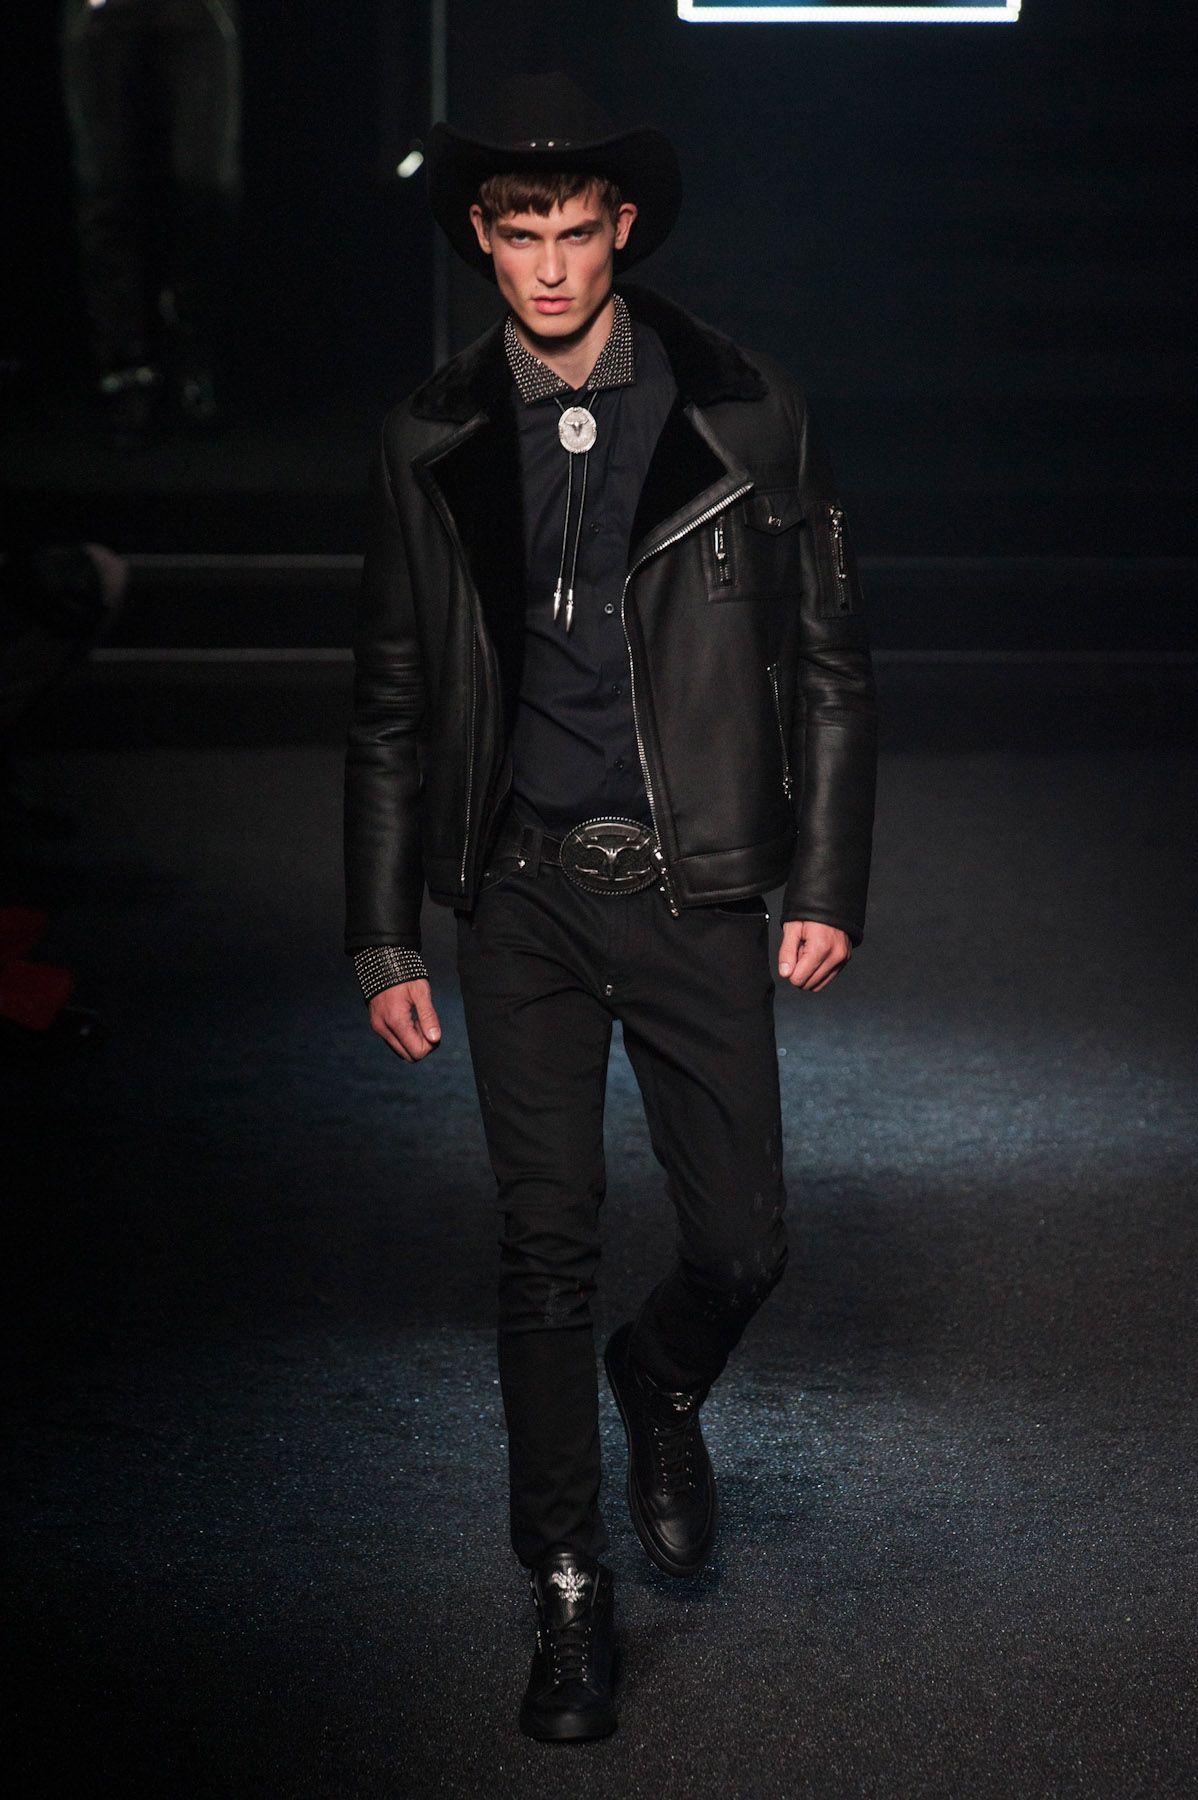 Philipp Plein MEN | Milão | Inverno 2014 RTW